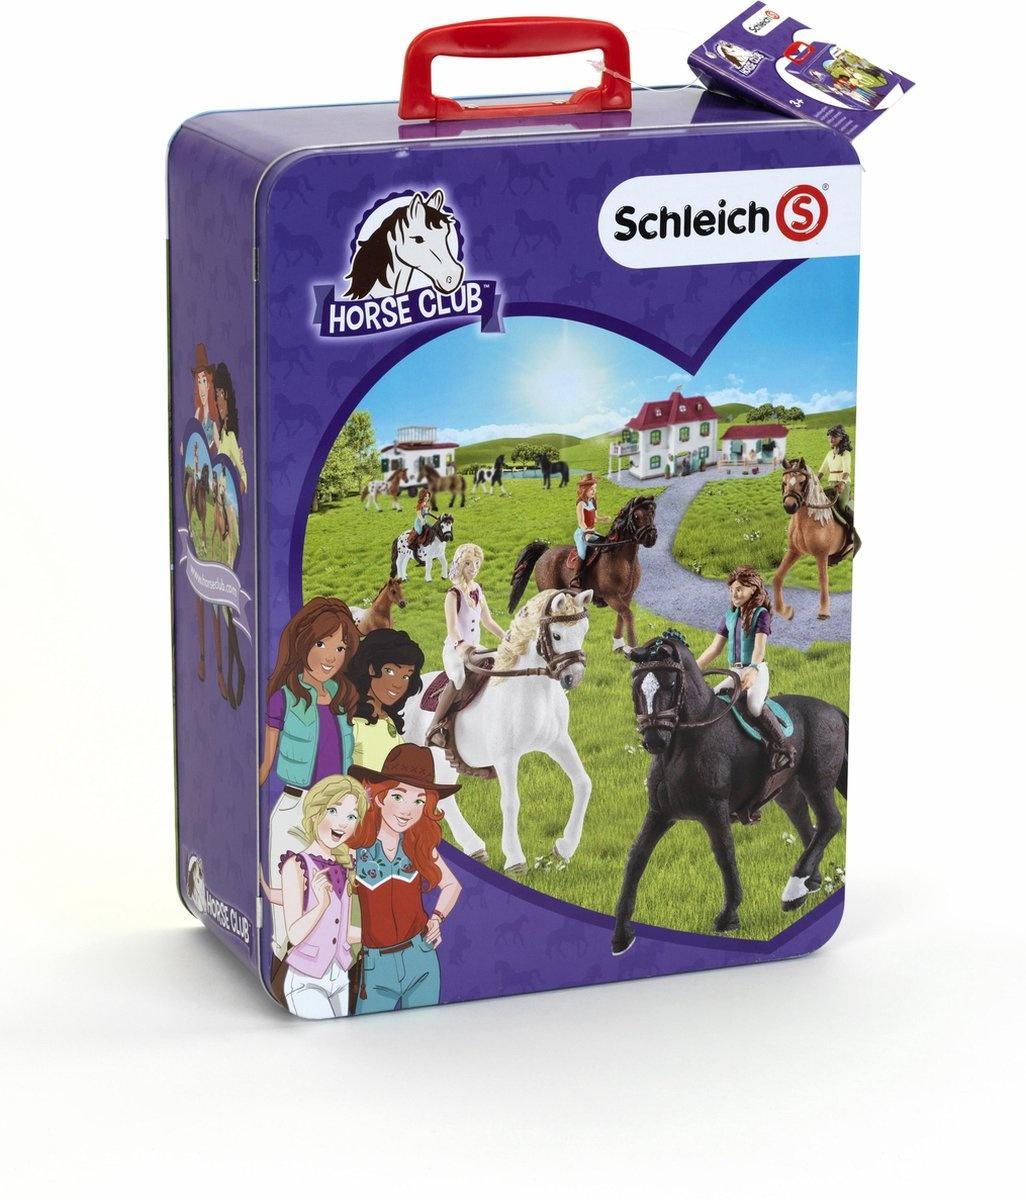 Schleich Horse club verzamelblik